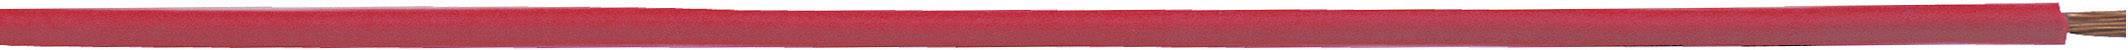 Opletenie / lanko LappKabel 4510092 H05V-K, 1 x 0.75 mm², vonkajší Ø 2.40 mm, 100 m, oranžová